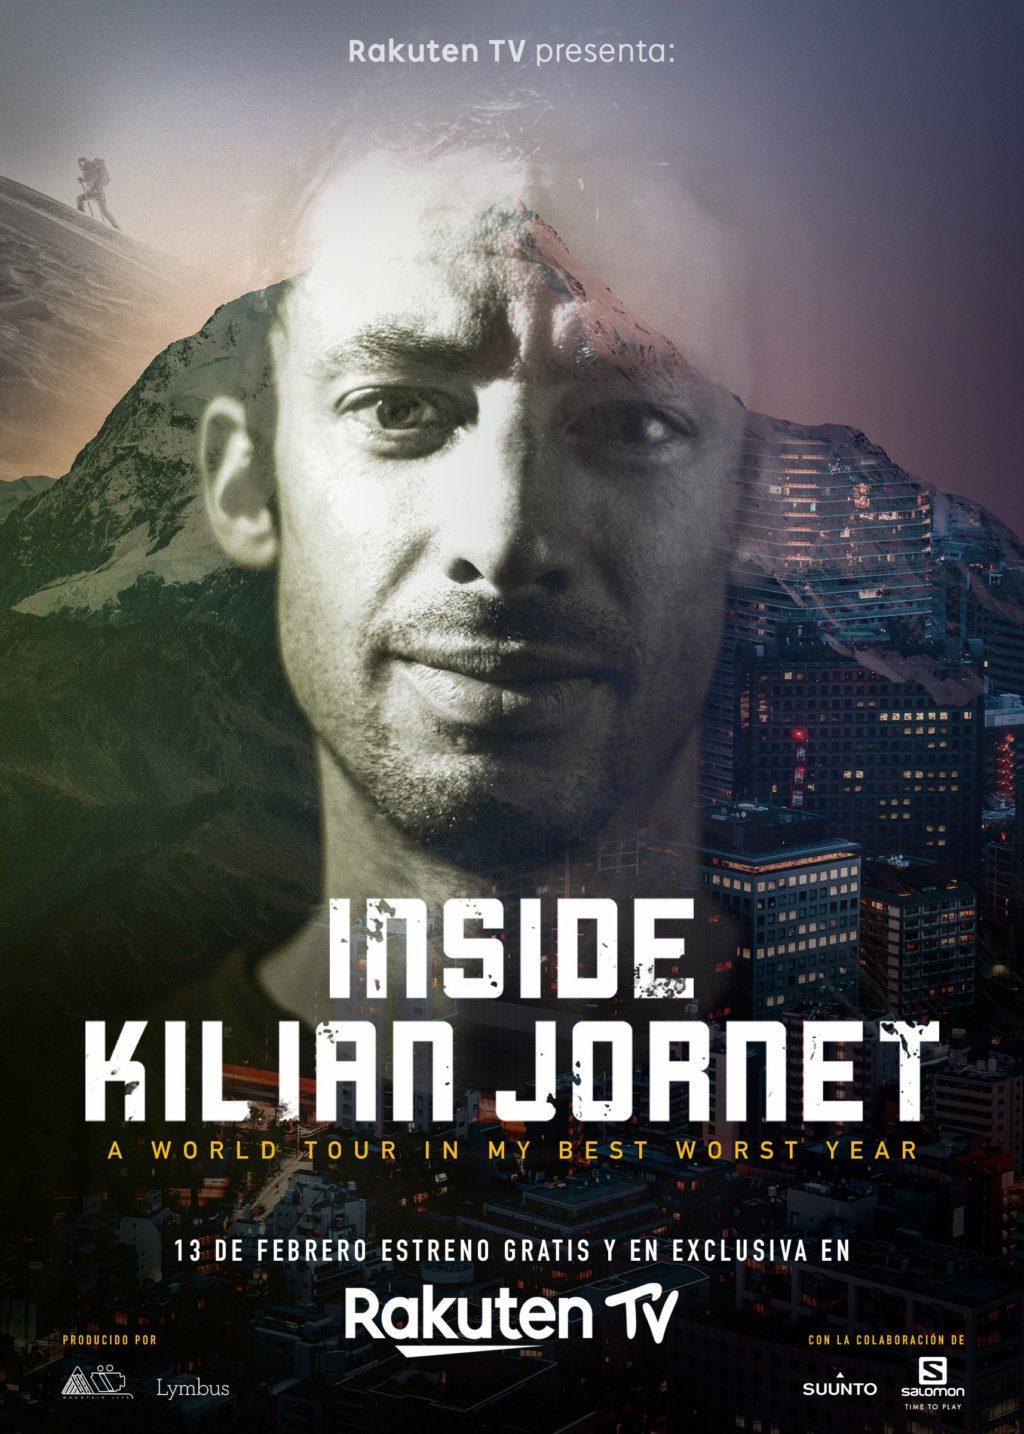 1579603961_SPInside_Kilian_Jornet_poster